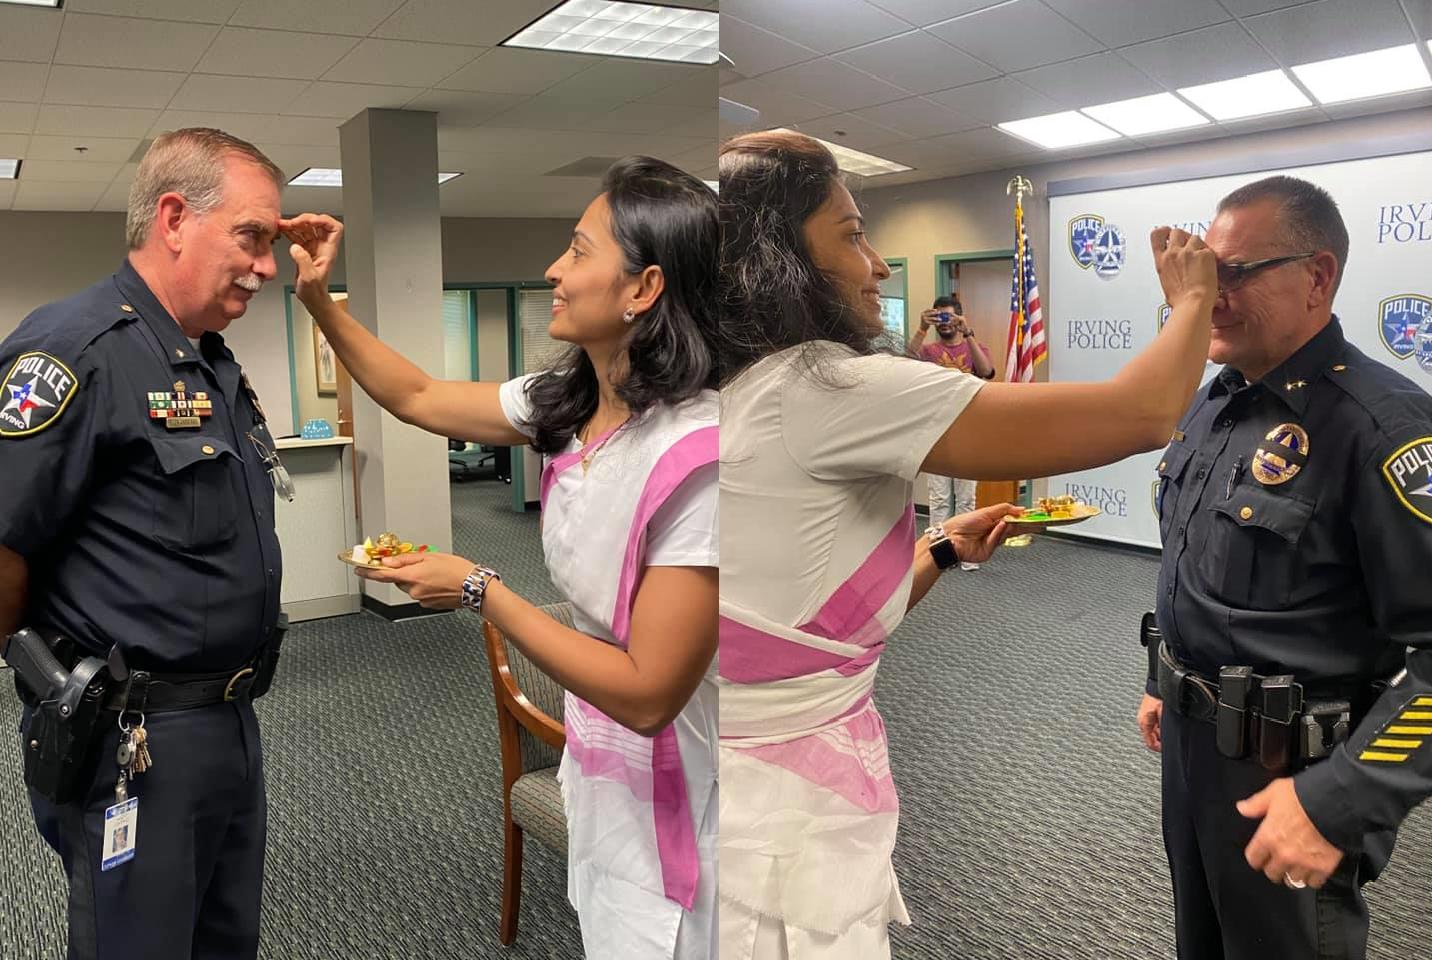 अमेरिकी पुलिस को राखी बांधकर इस महिला ने देश की संस्कृति का नाम रौशन किया